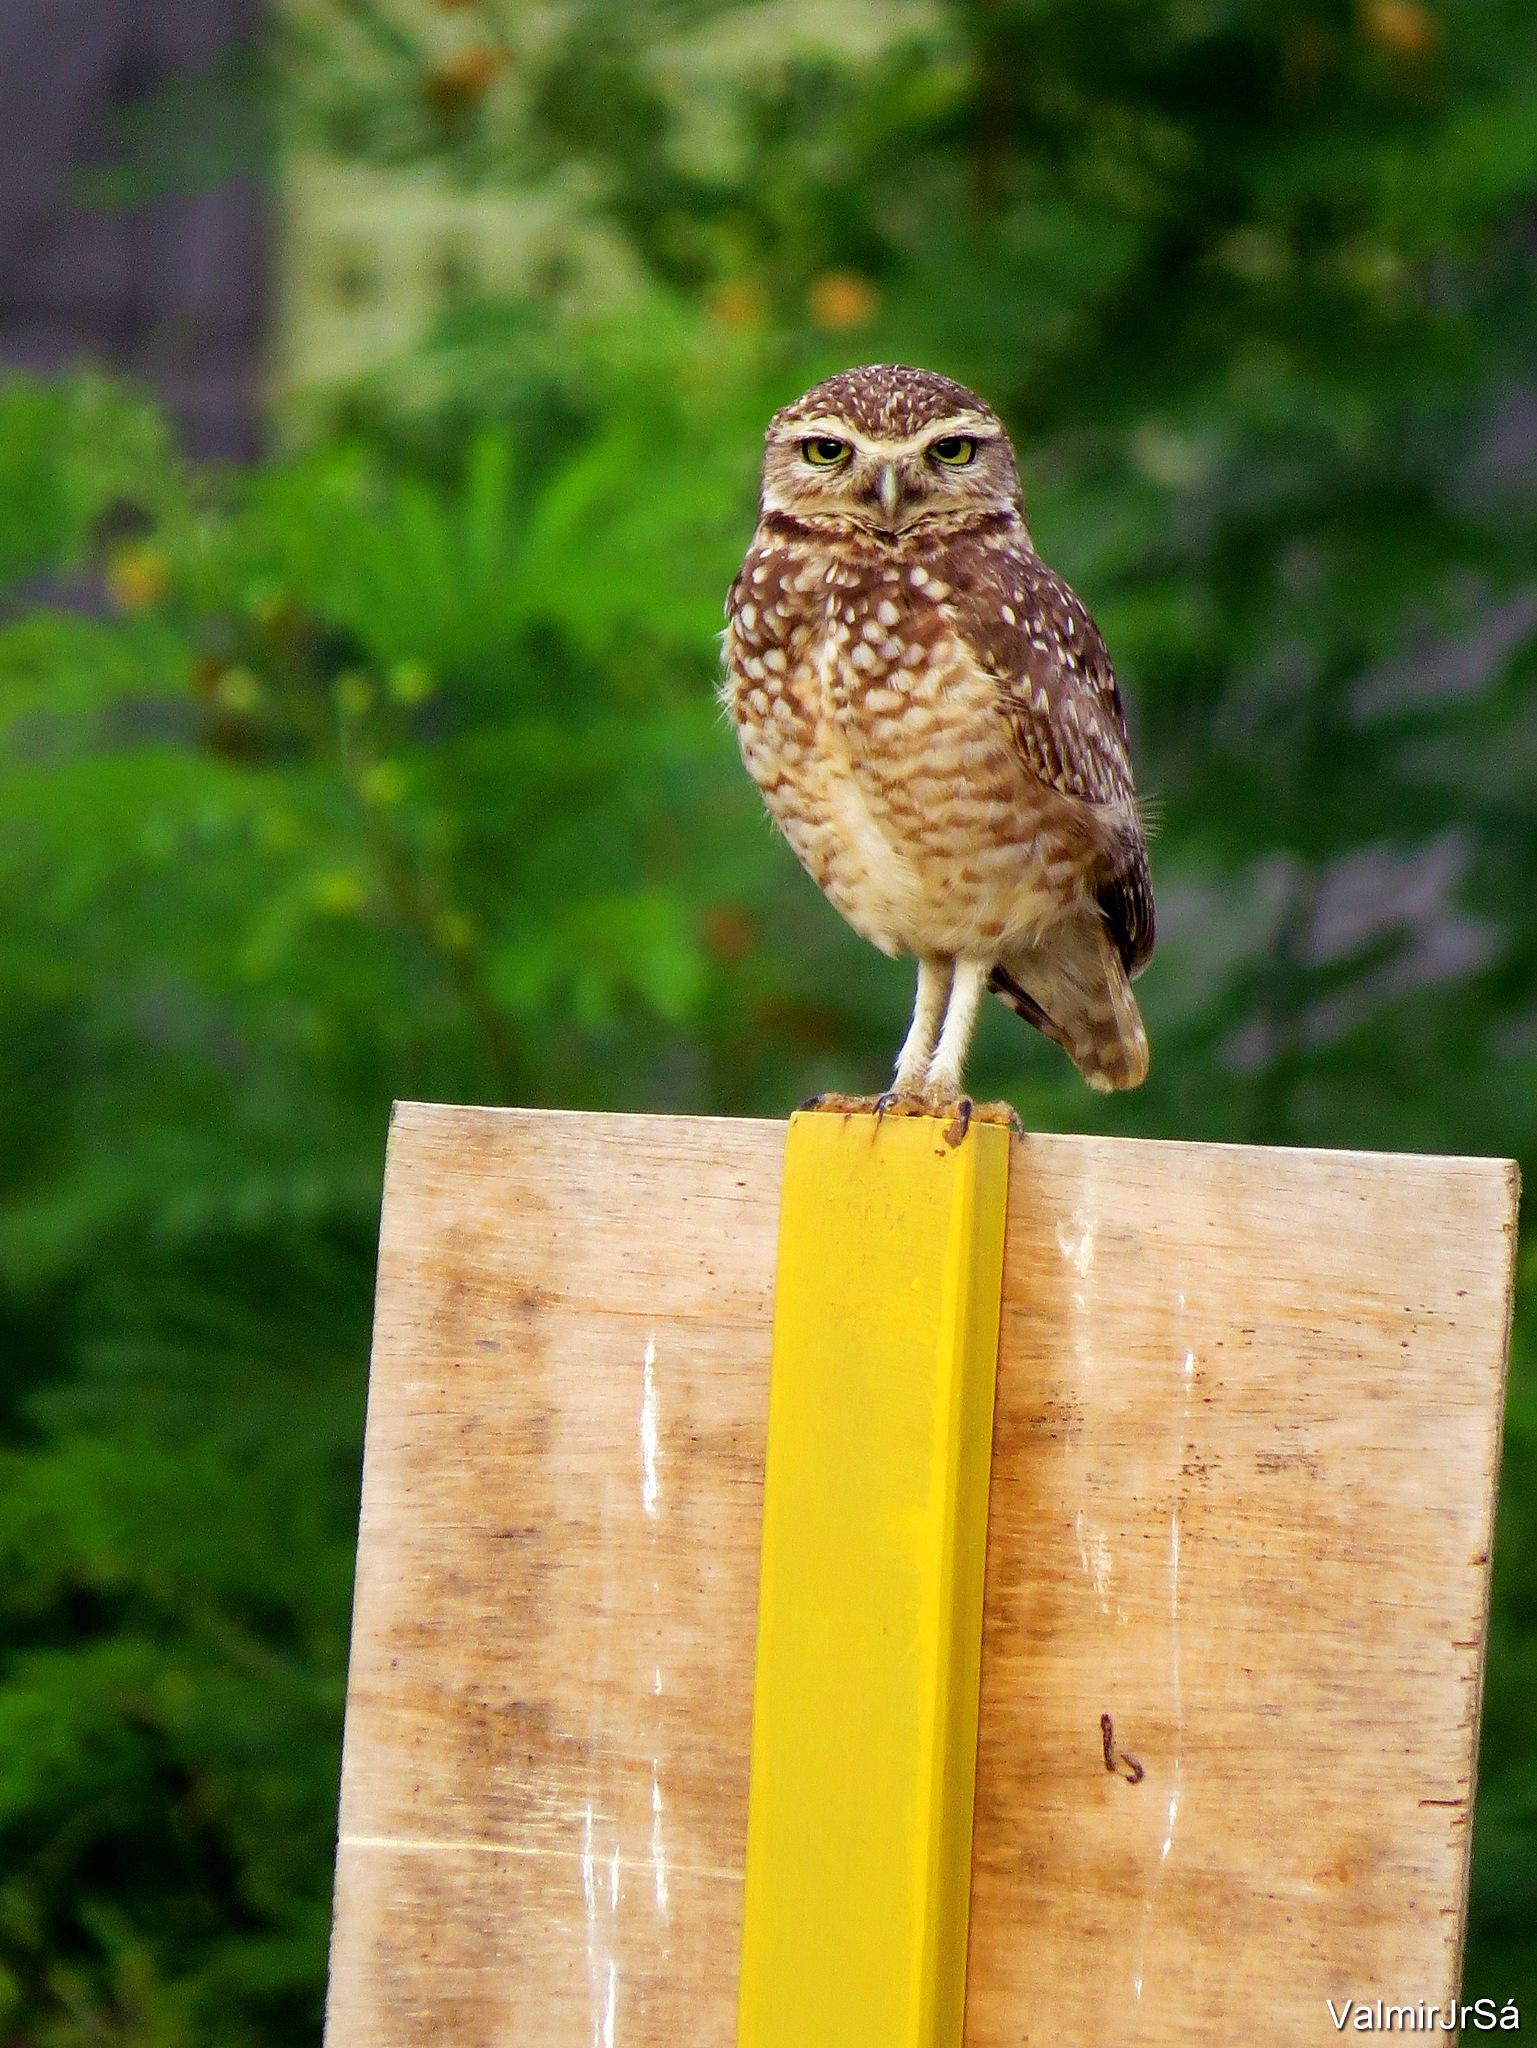 Coruja | Owl by Valmir Junior Sá